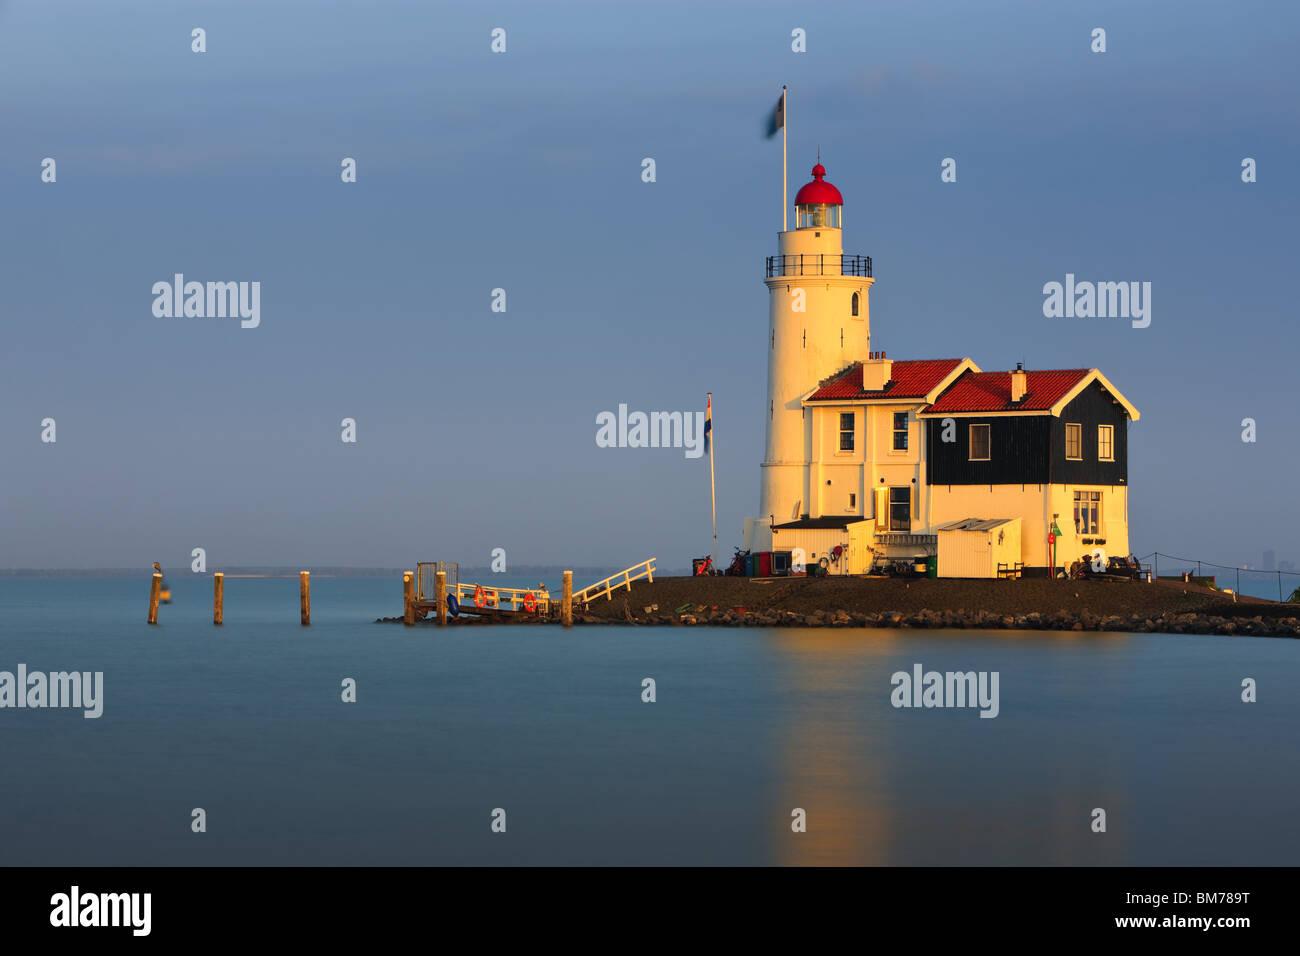 Lighthouse Paard van Marken at sunset - Stock Image